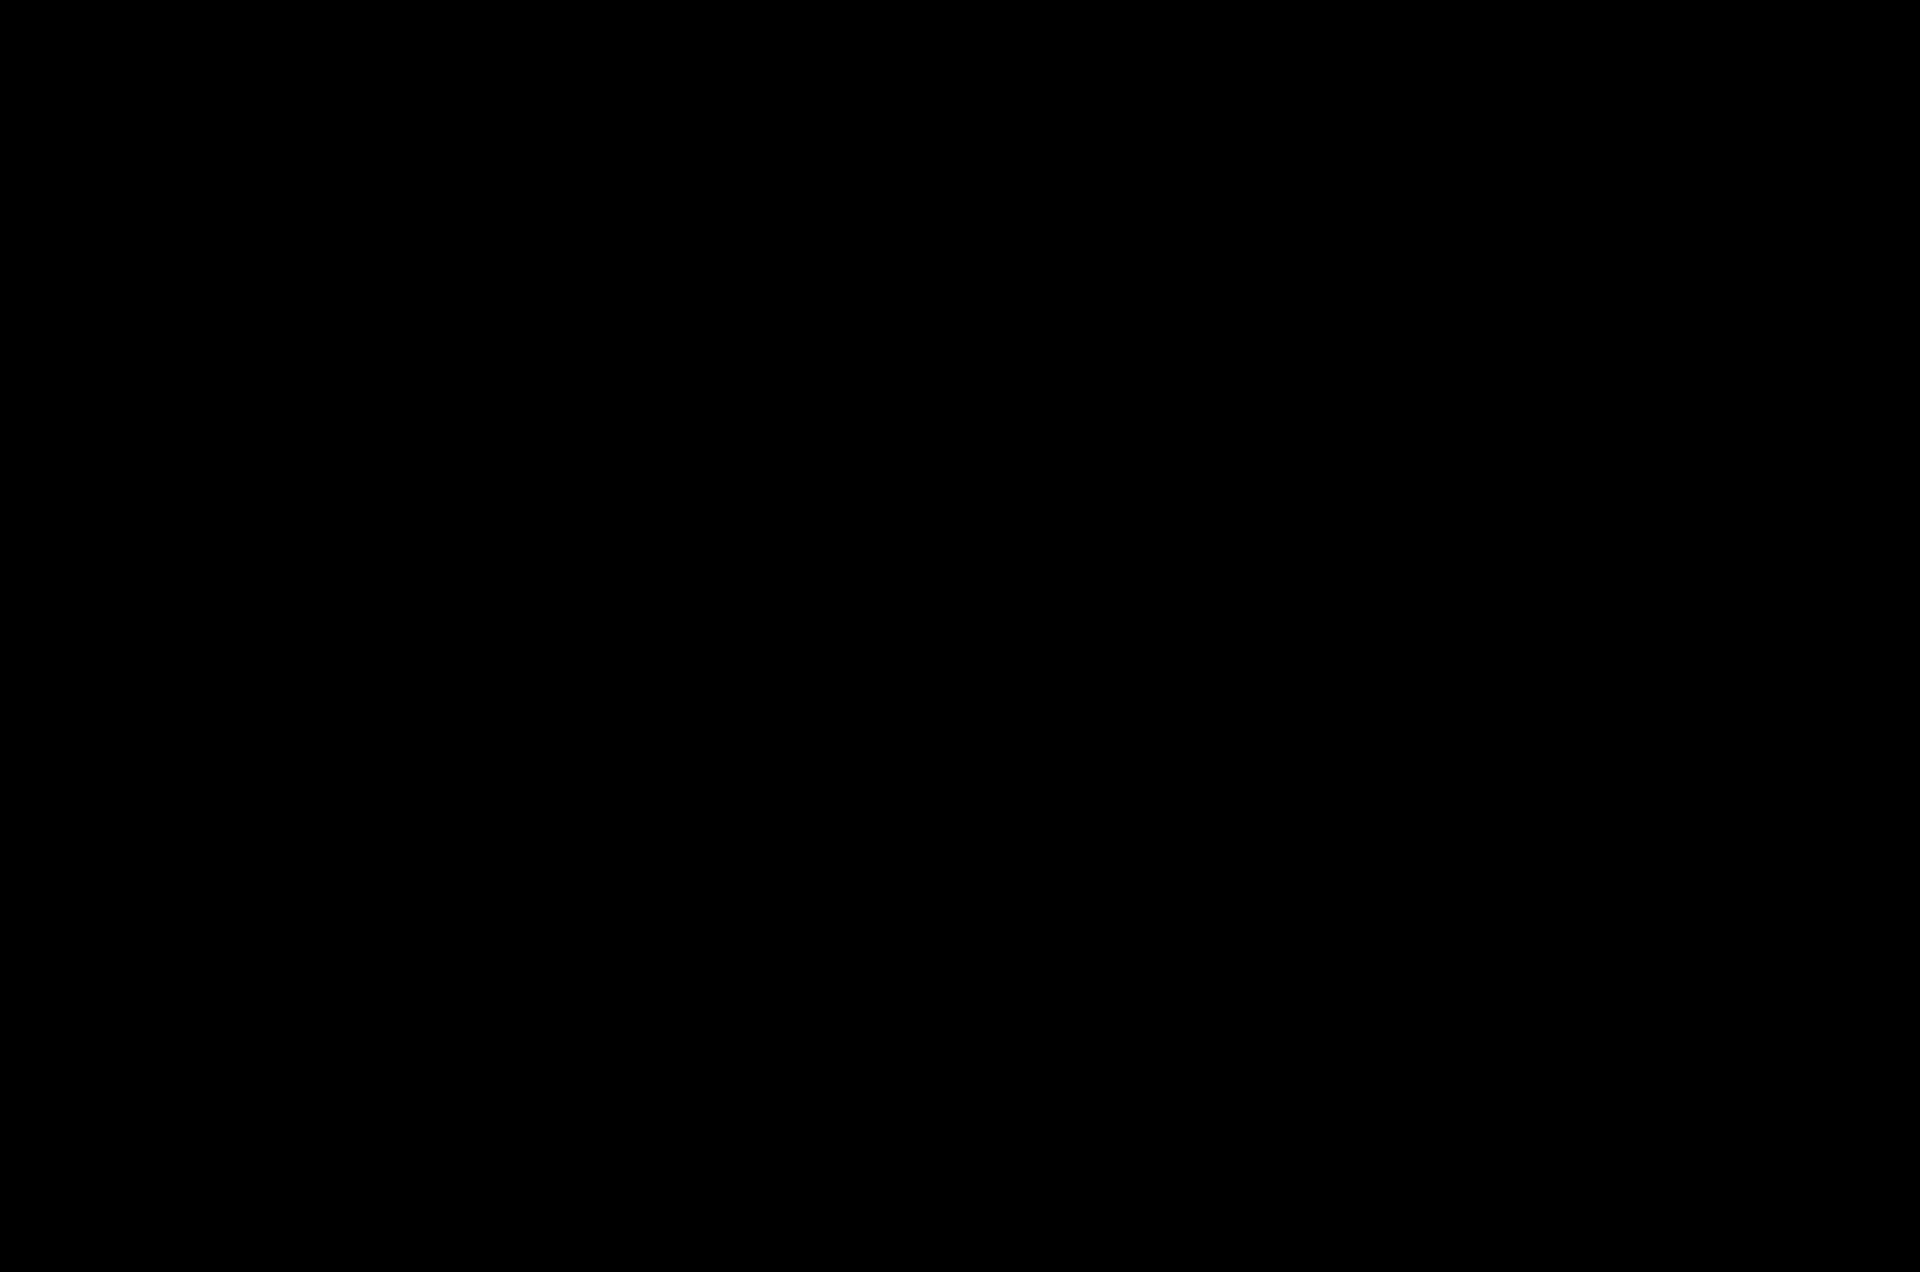 hlg_2942